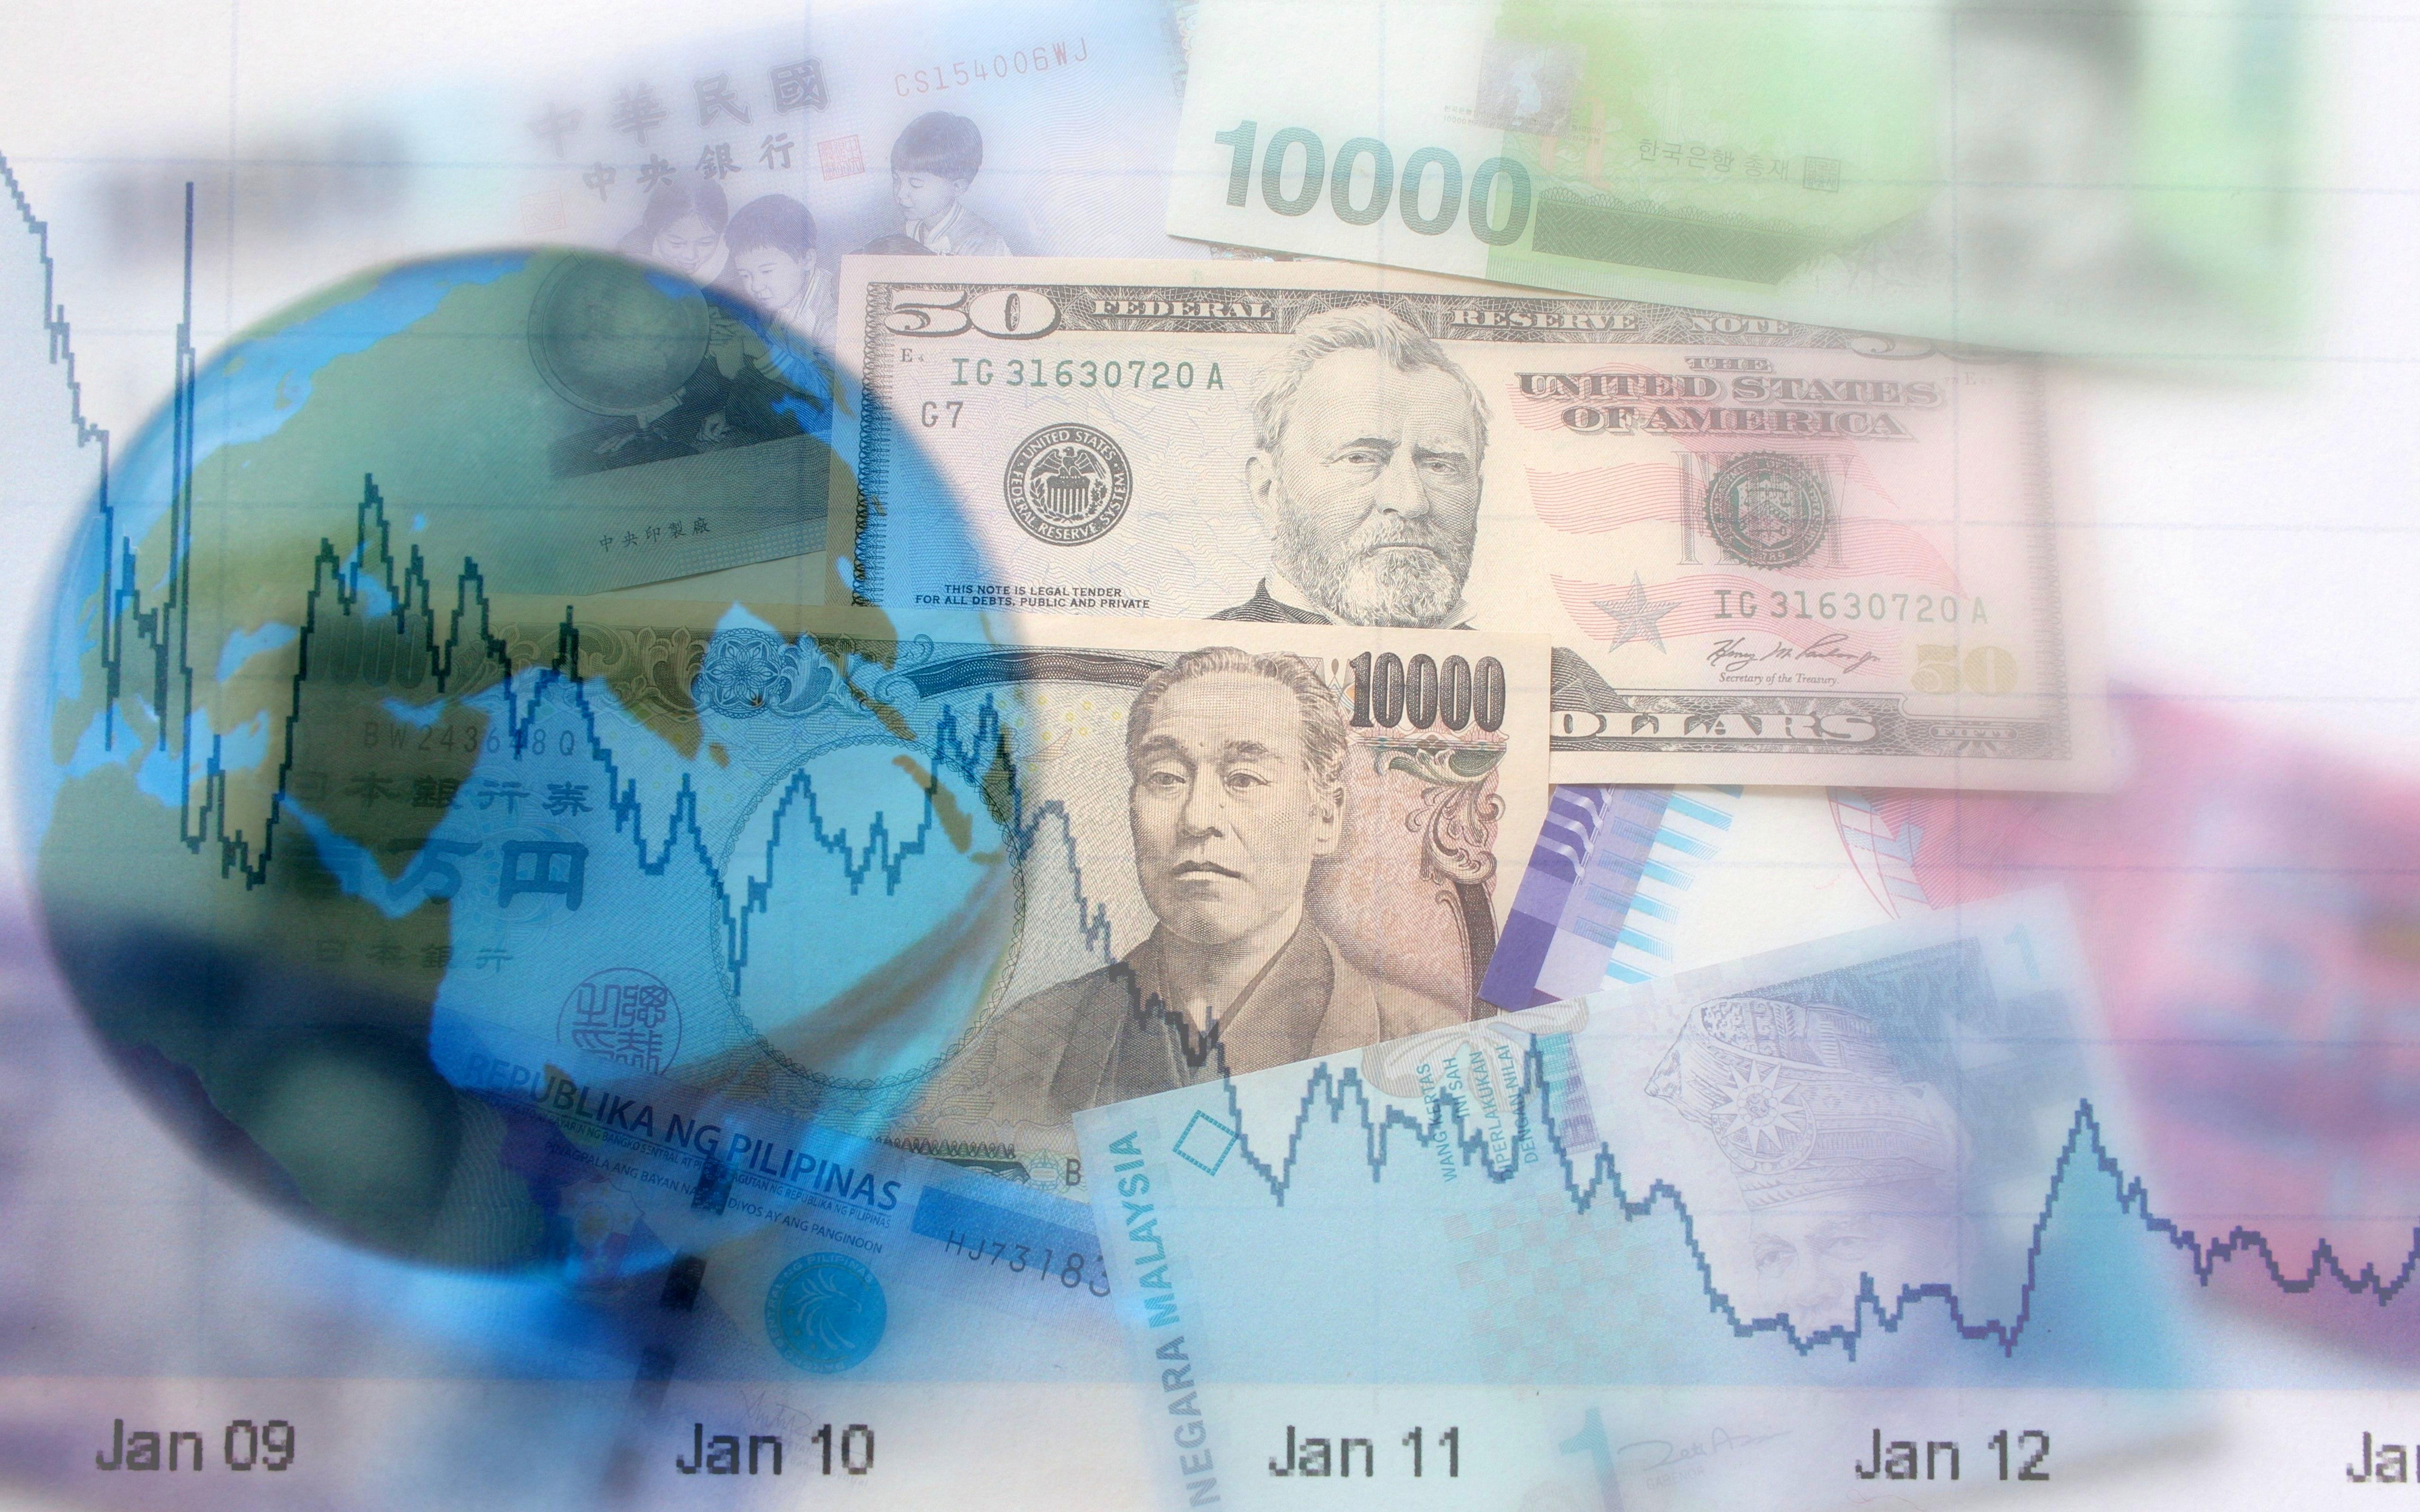 イメージ:国際取引に係る消費税の実務対応